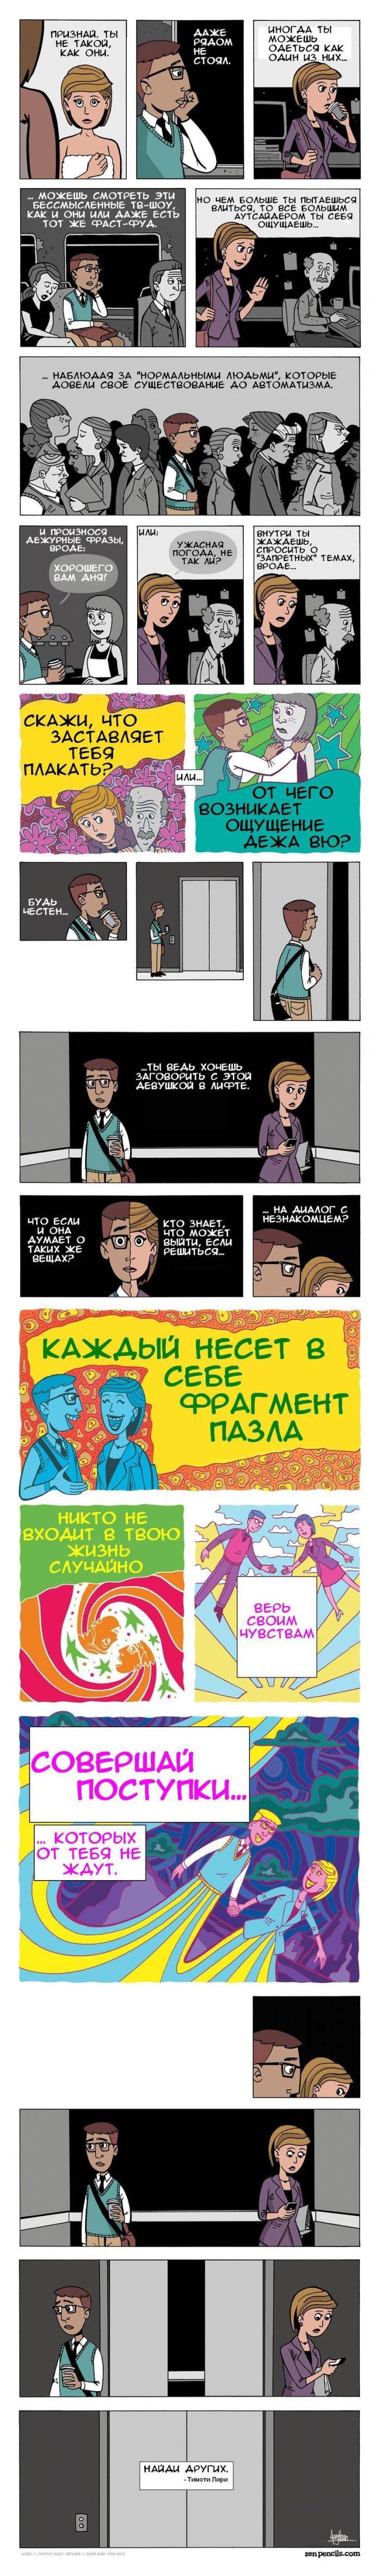 Философский комикс об отношениях (1 картинка)